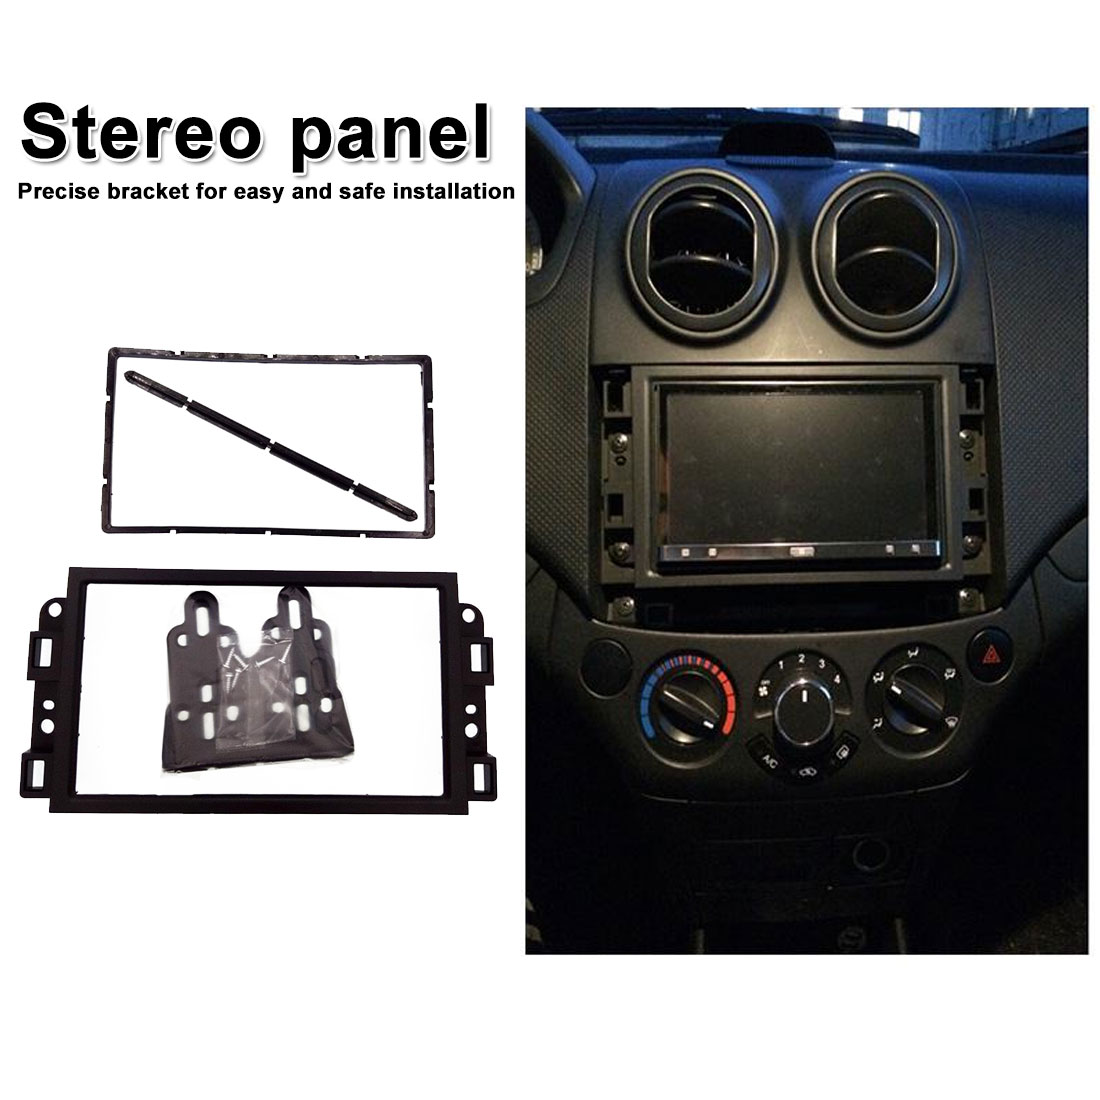 Für Chevrolet Lova Captiva Gentra Aveo 2006 2007-2011 audio und video änderung rahmen 2DIN umwandlung panel halterung